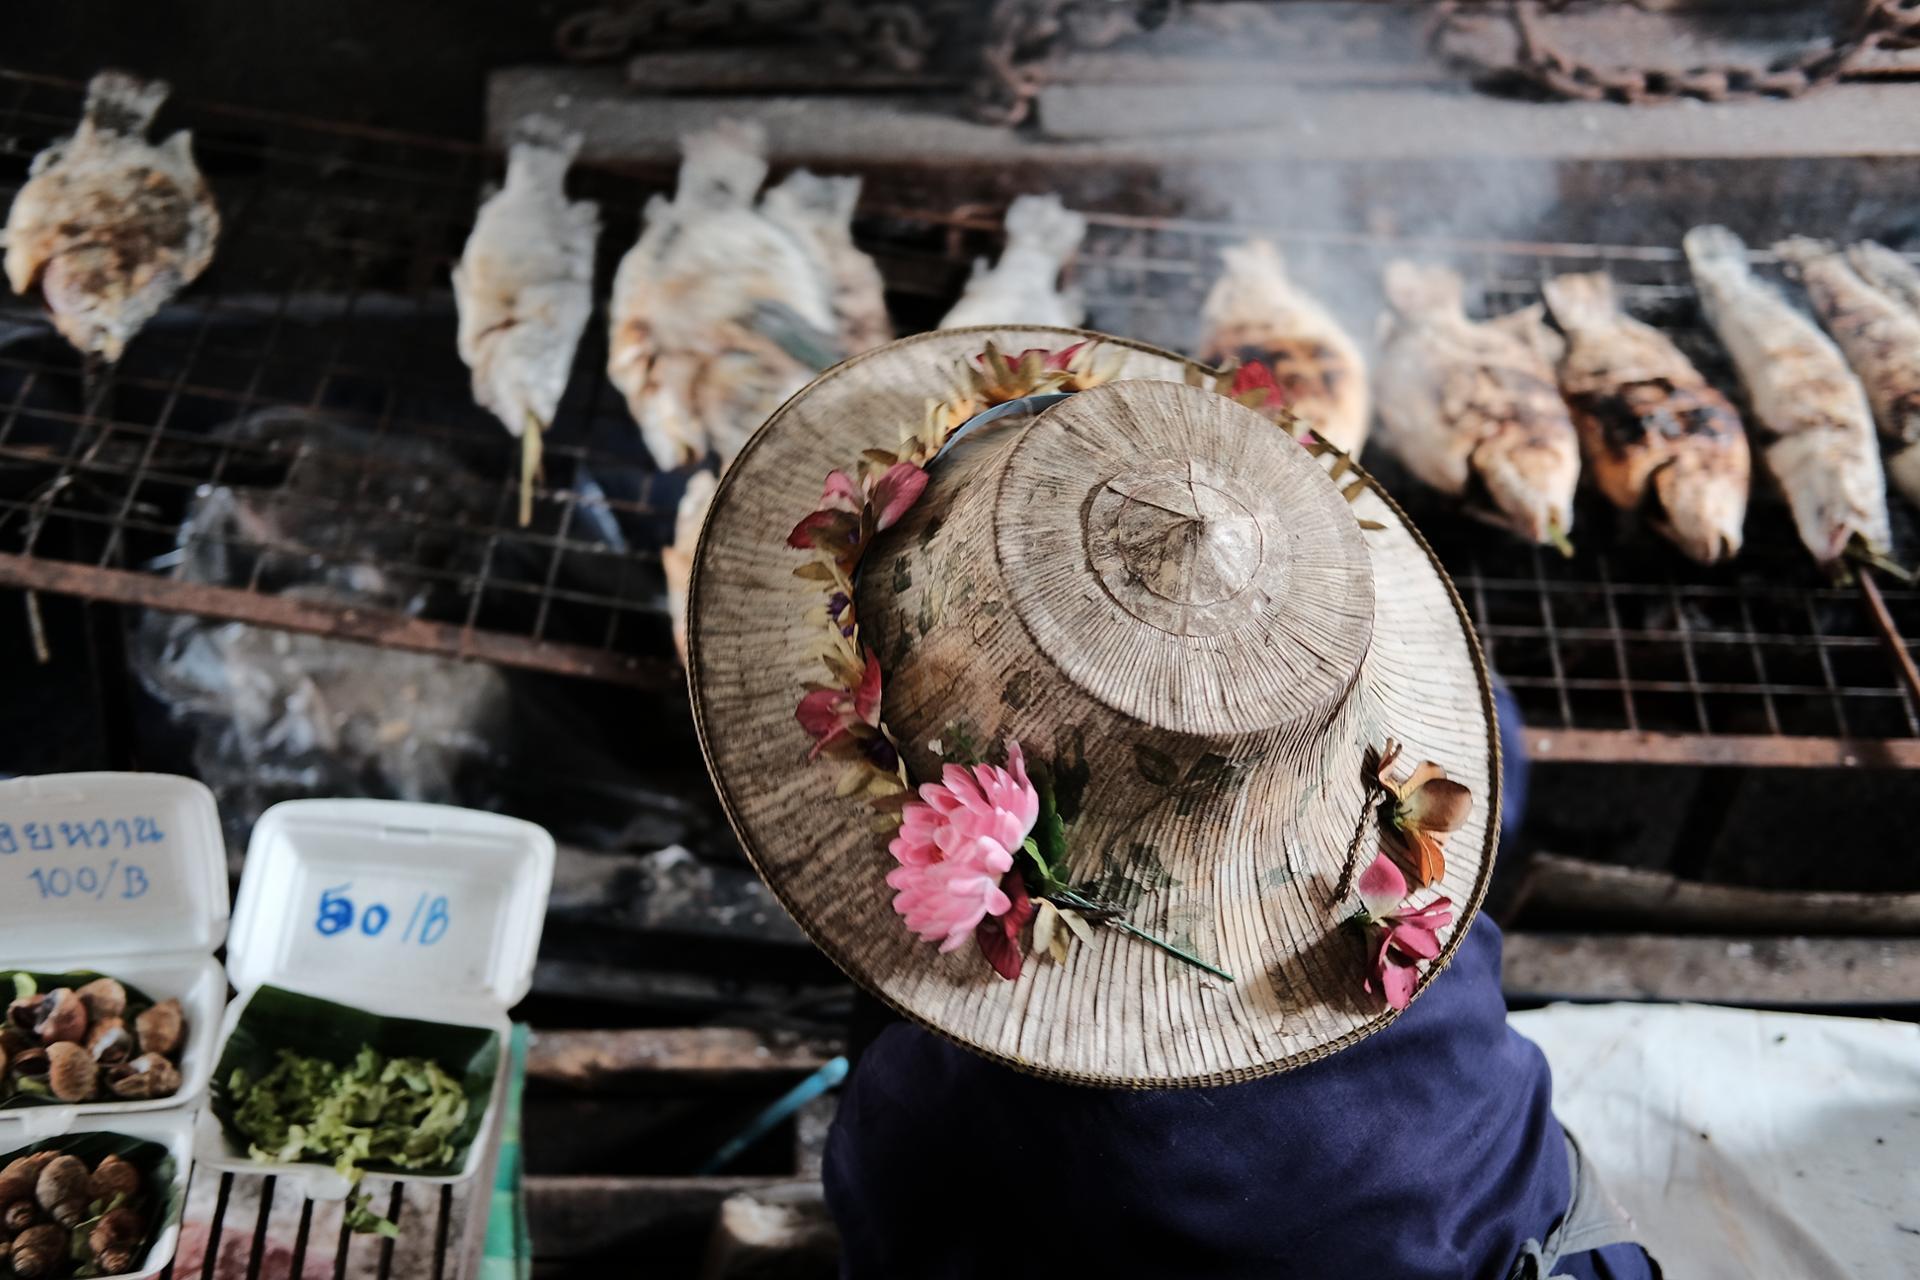 Poisson grillé au marché flottant